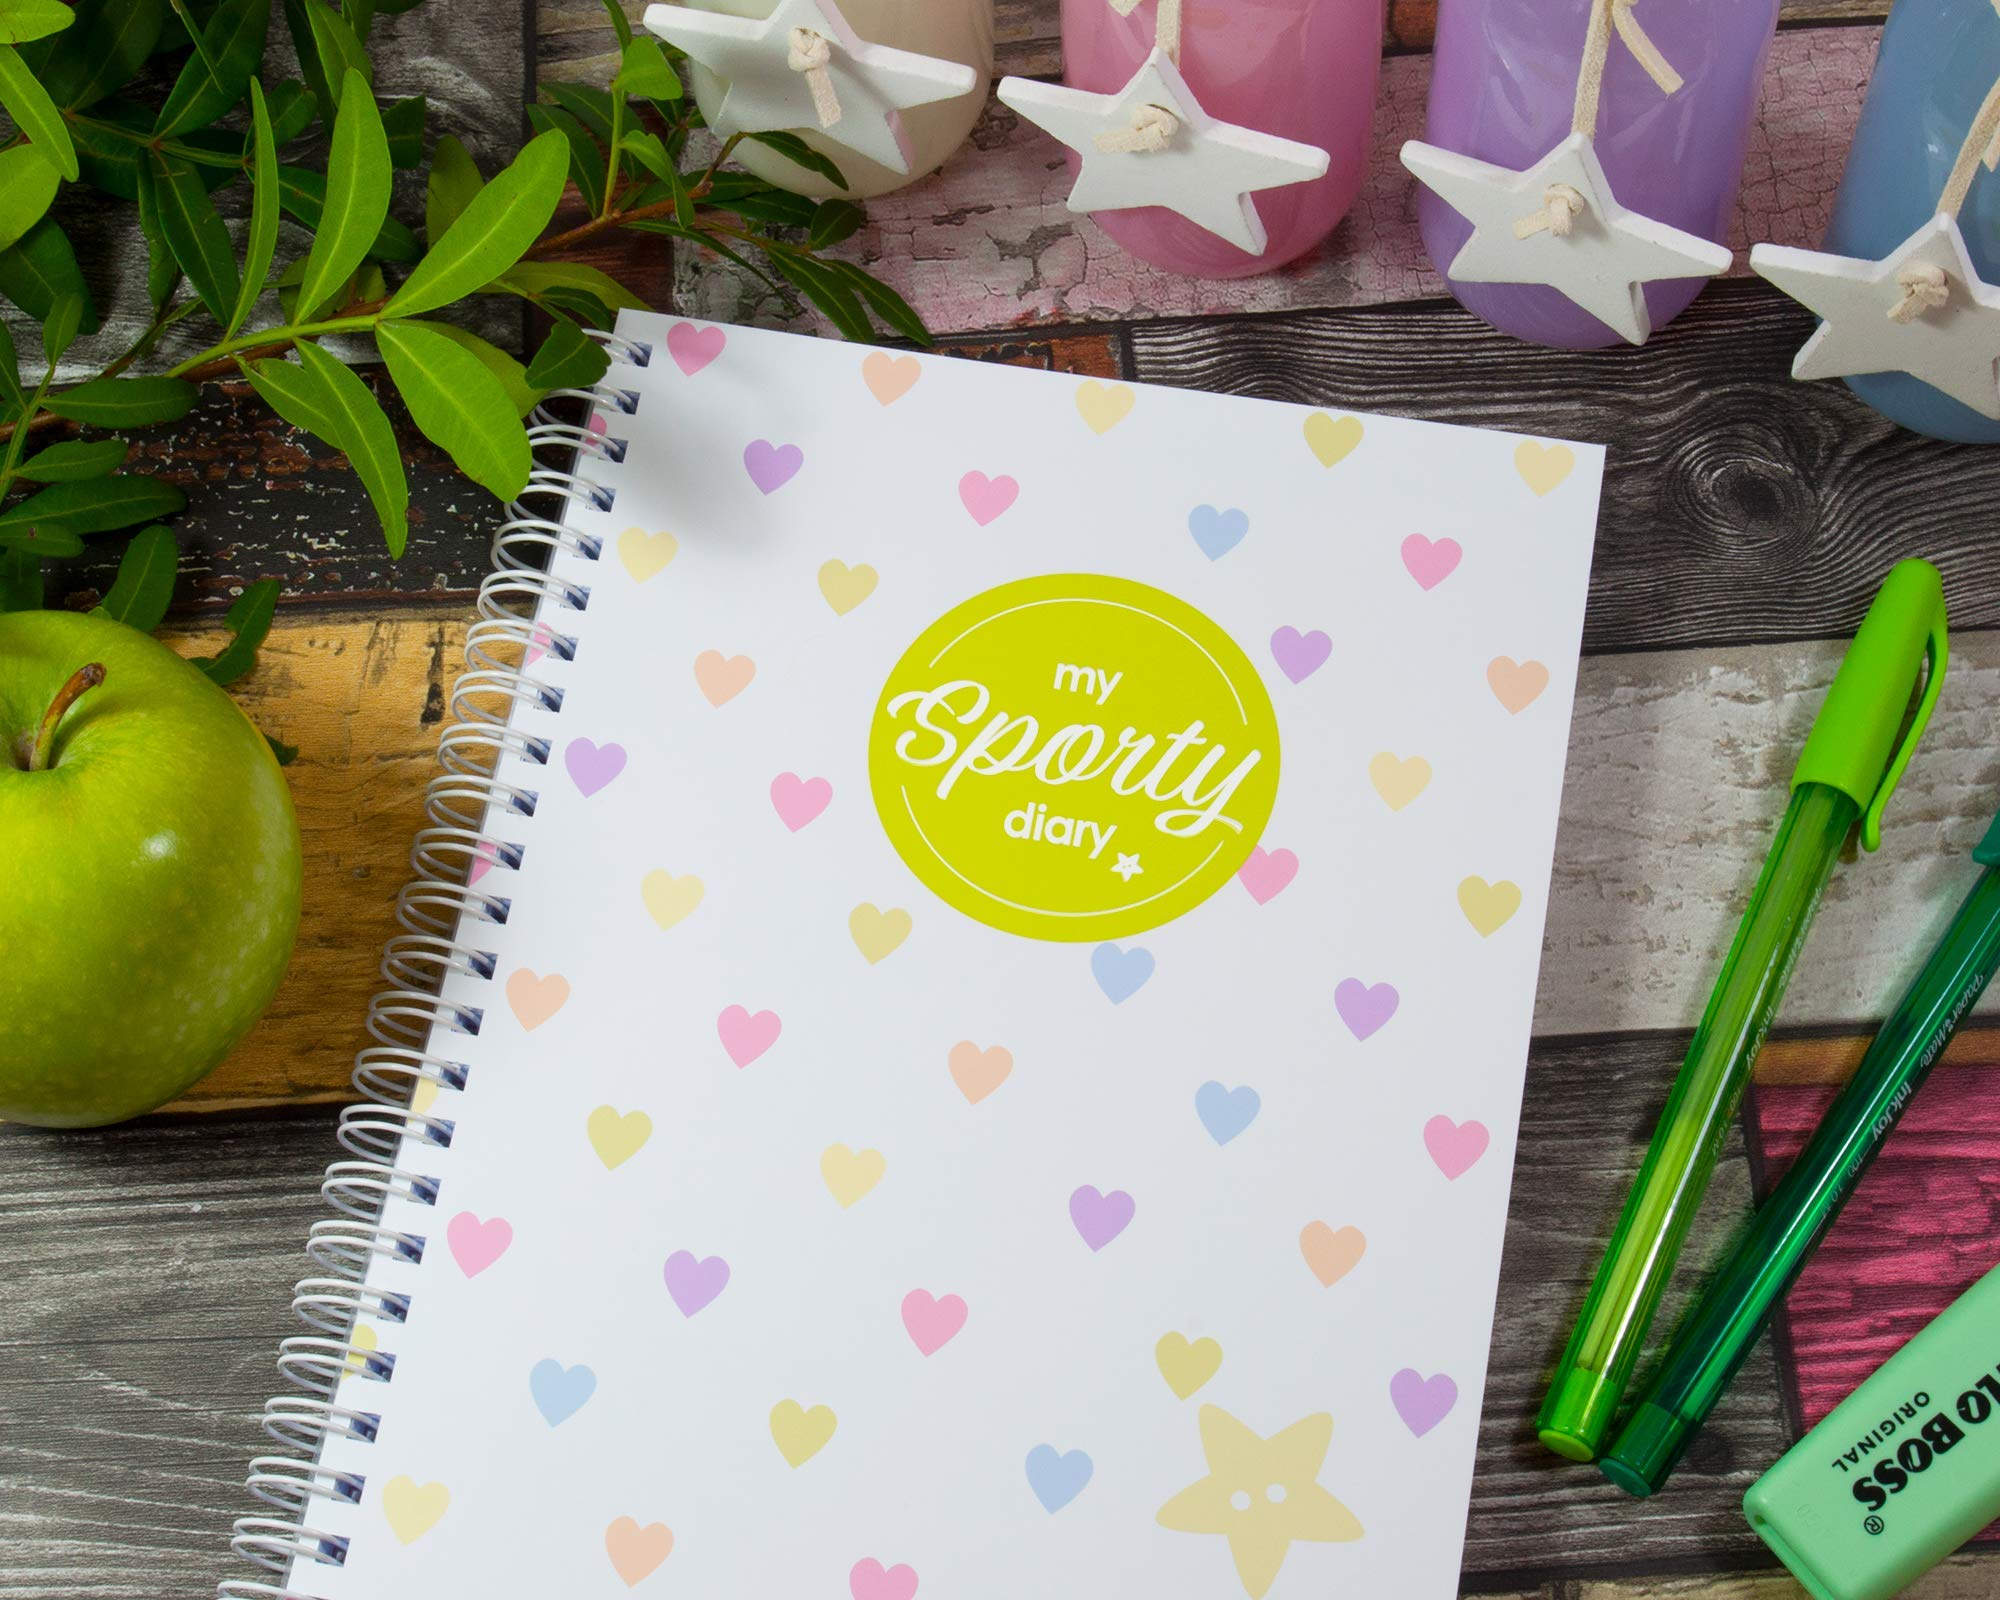 My Sporty Diary (12 meses) planificador de ejercicios, planificador de fitness, diario de ejercicios, hecho a mano, A5… 6